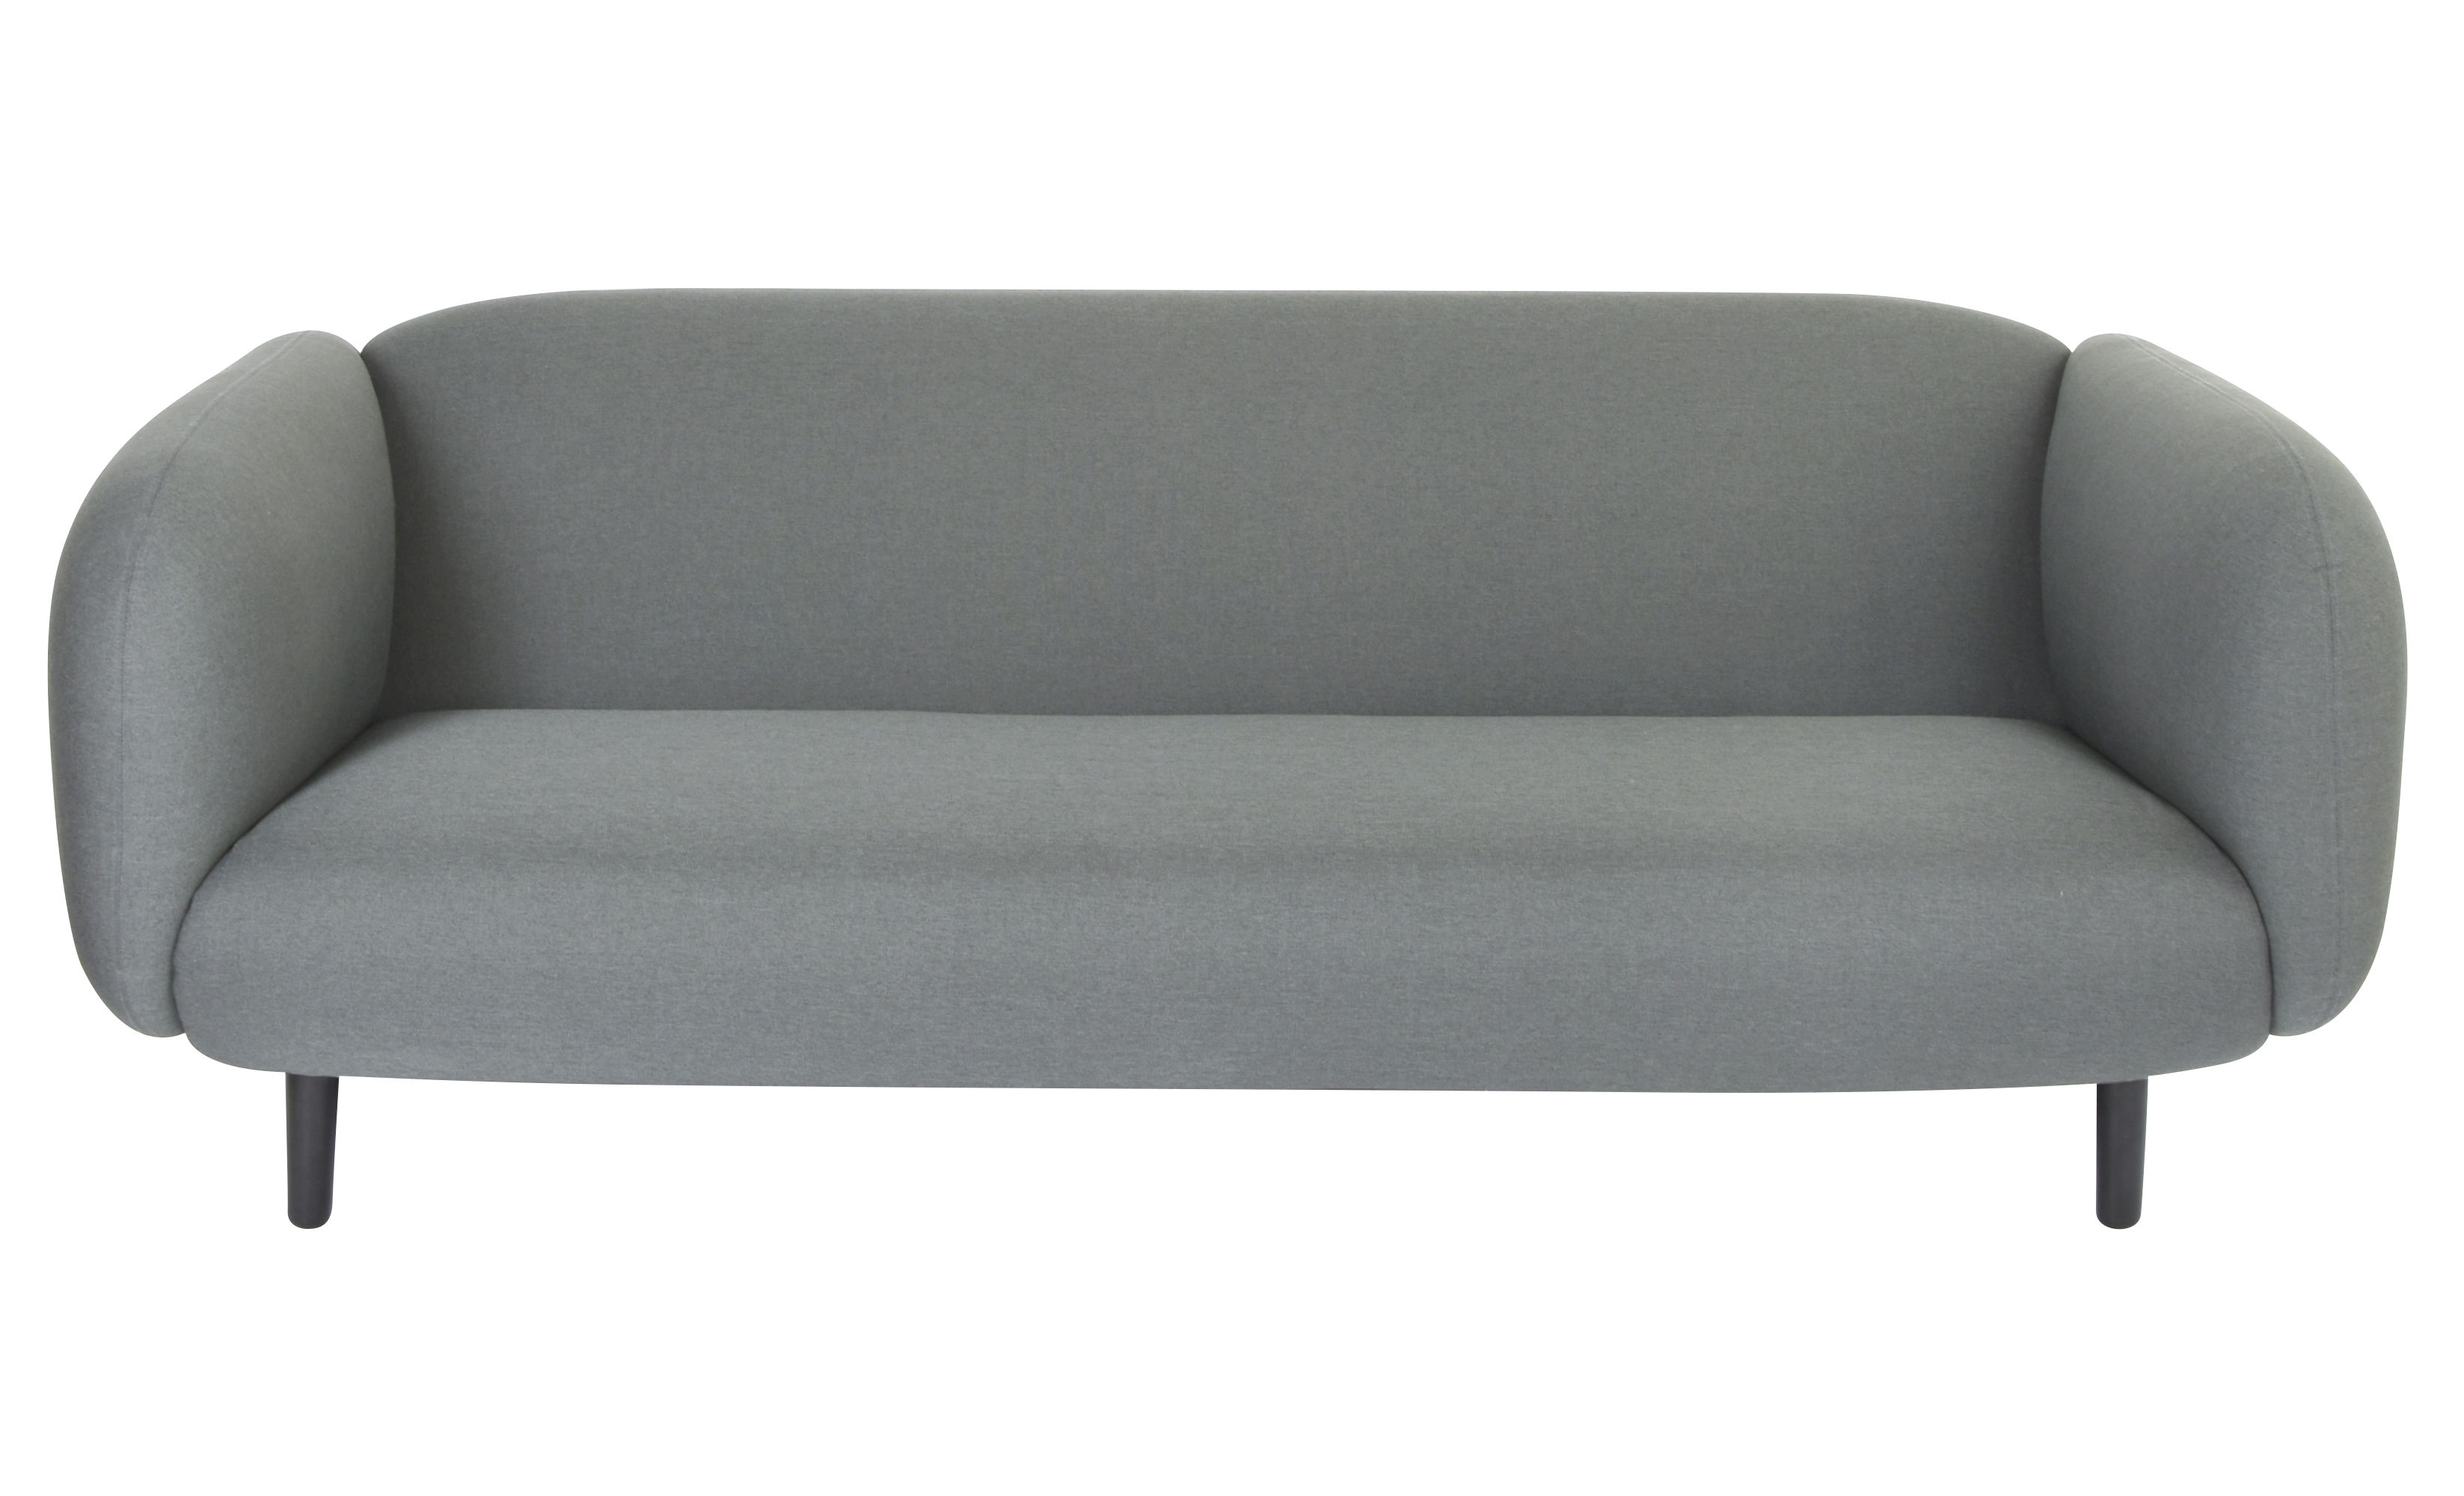 Arredamento - Divani moderni - Divano destro Moïra - / 3 posti - L 204 cm di ENOstudio - Grigio chiaro / Gambe nere - Bois laqué noir, Espanso, Tissu Gabriel